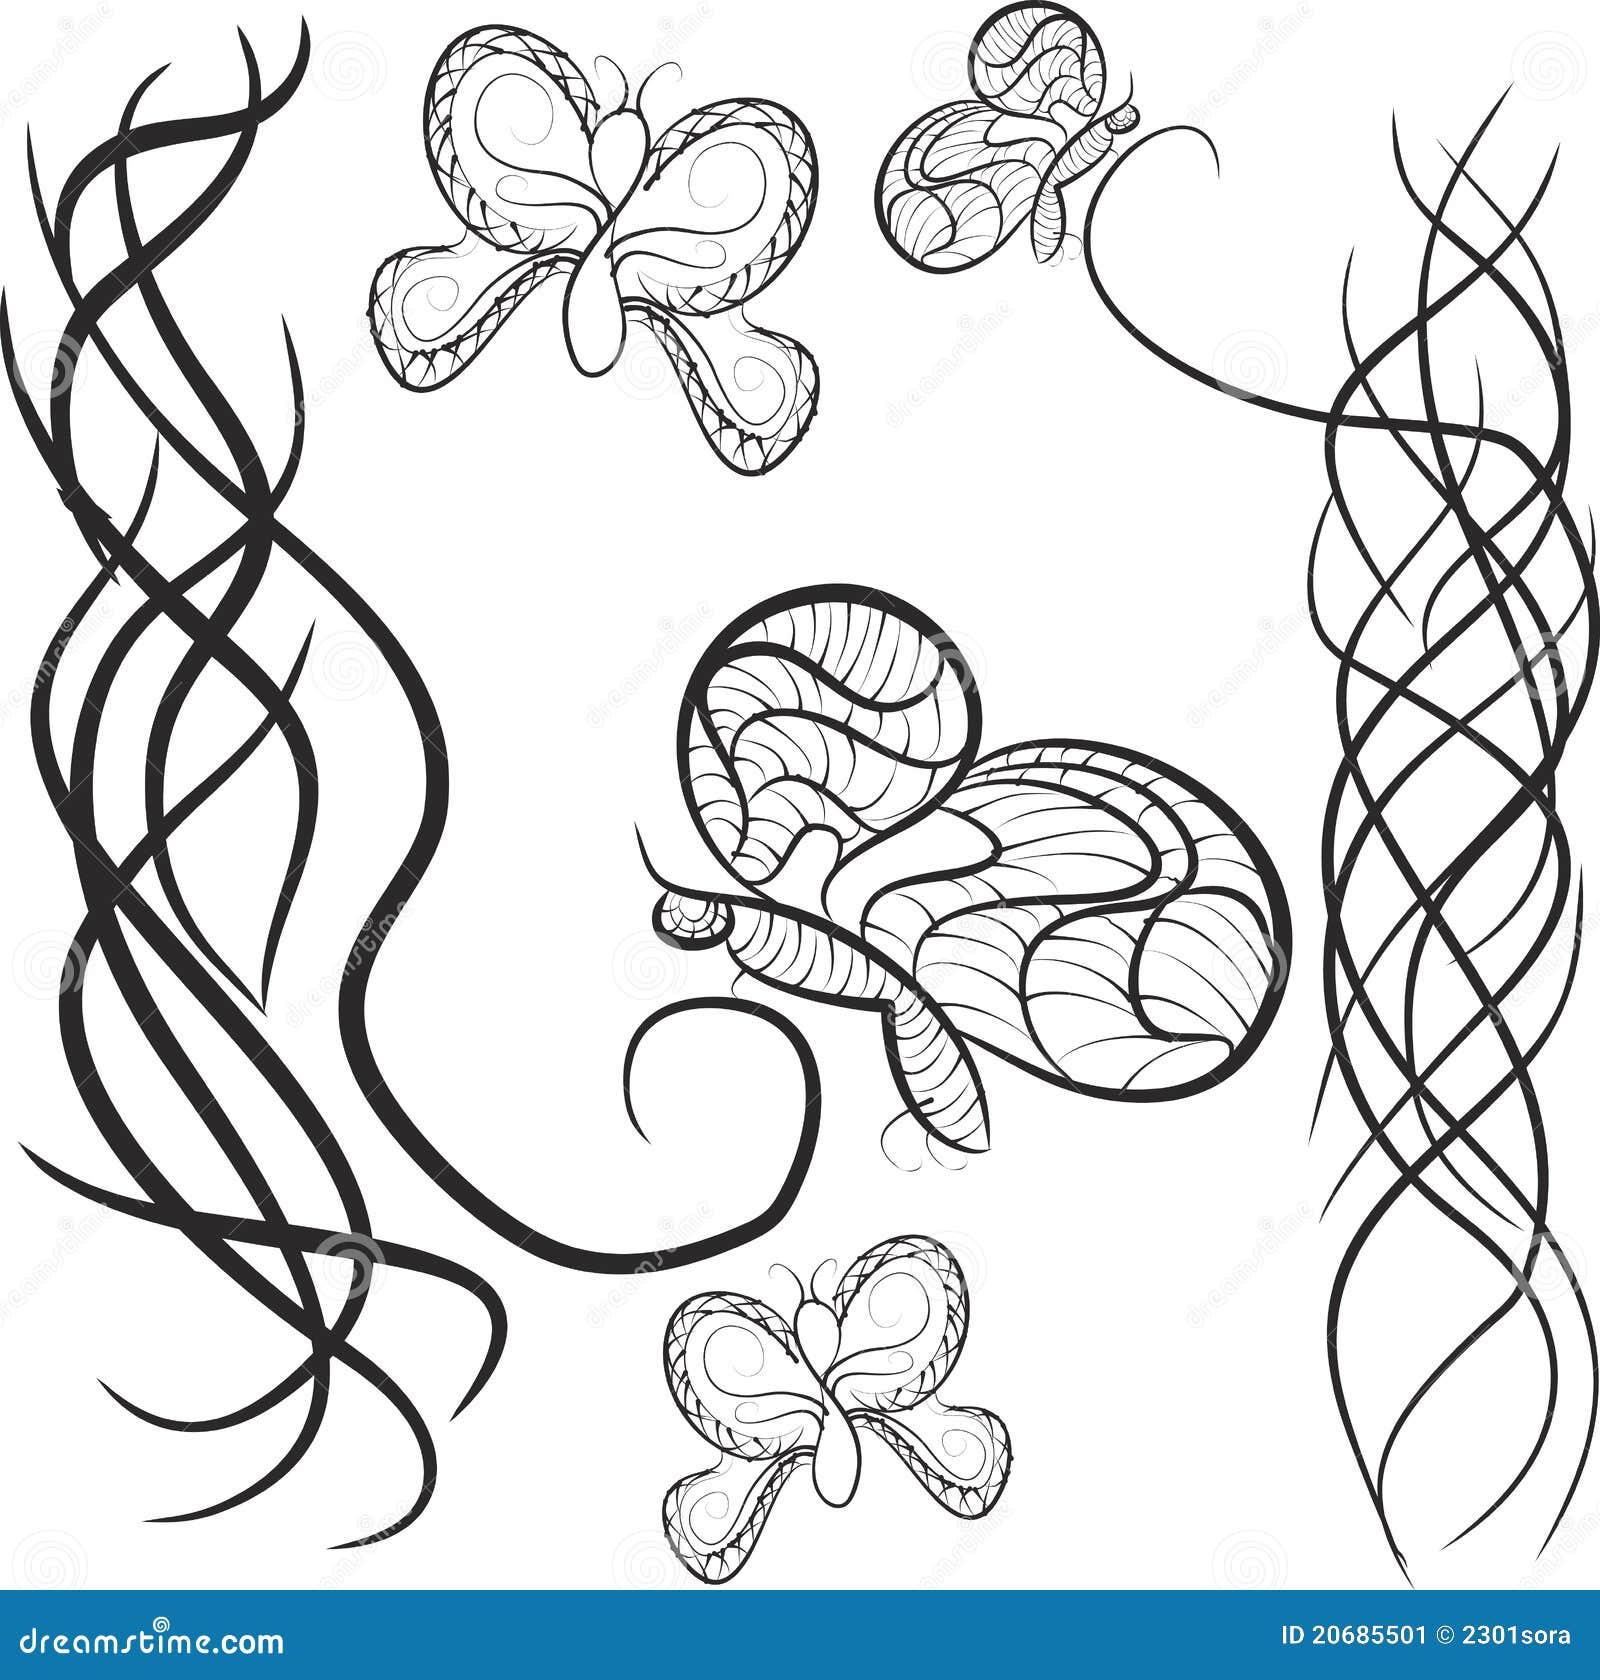 Modelo Con La Mariposa Conveniente Para Un Tatuaje Ilustración Del